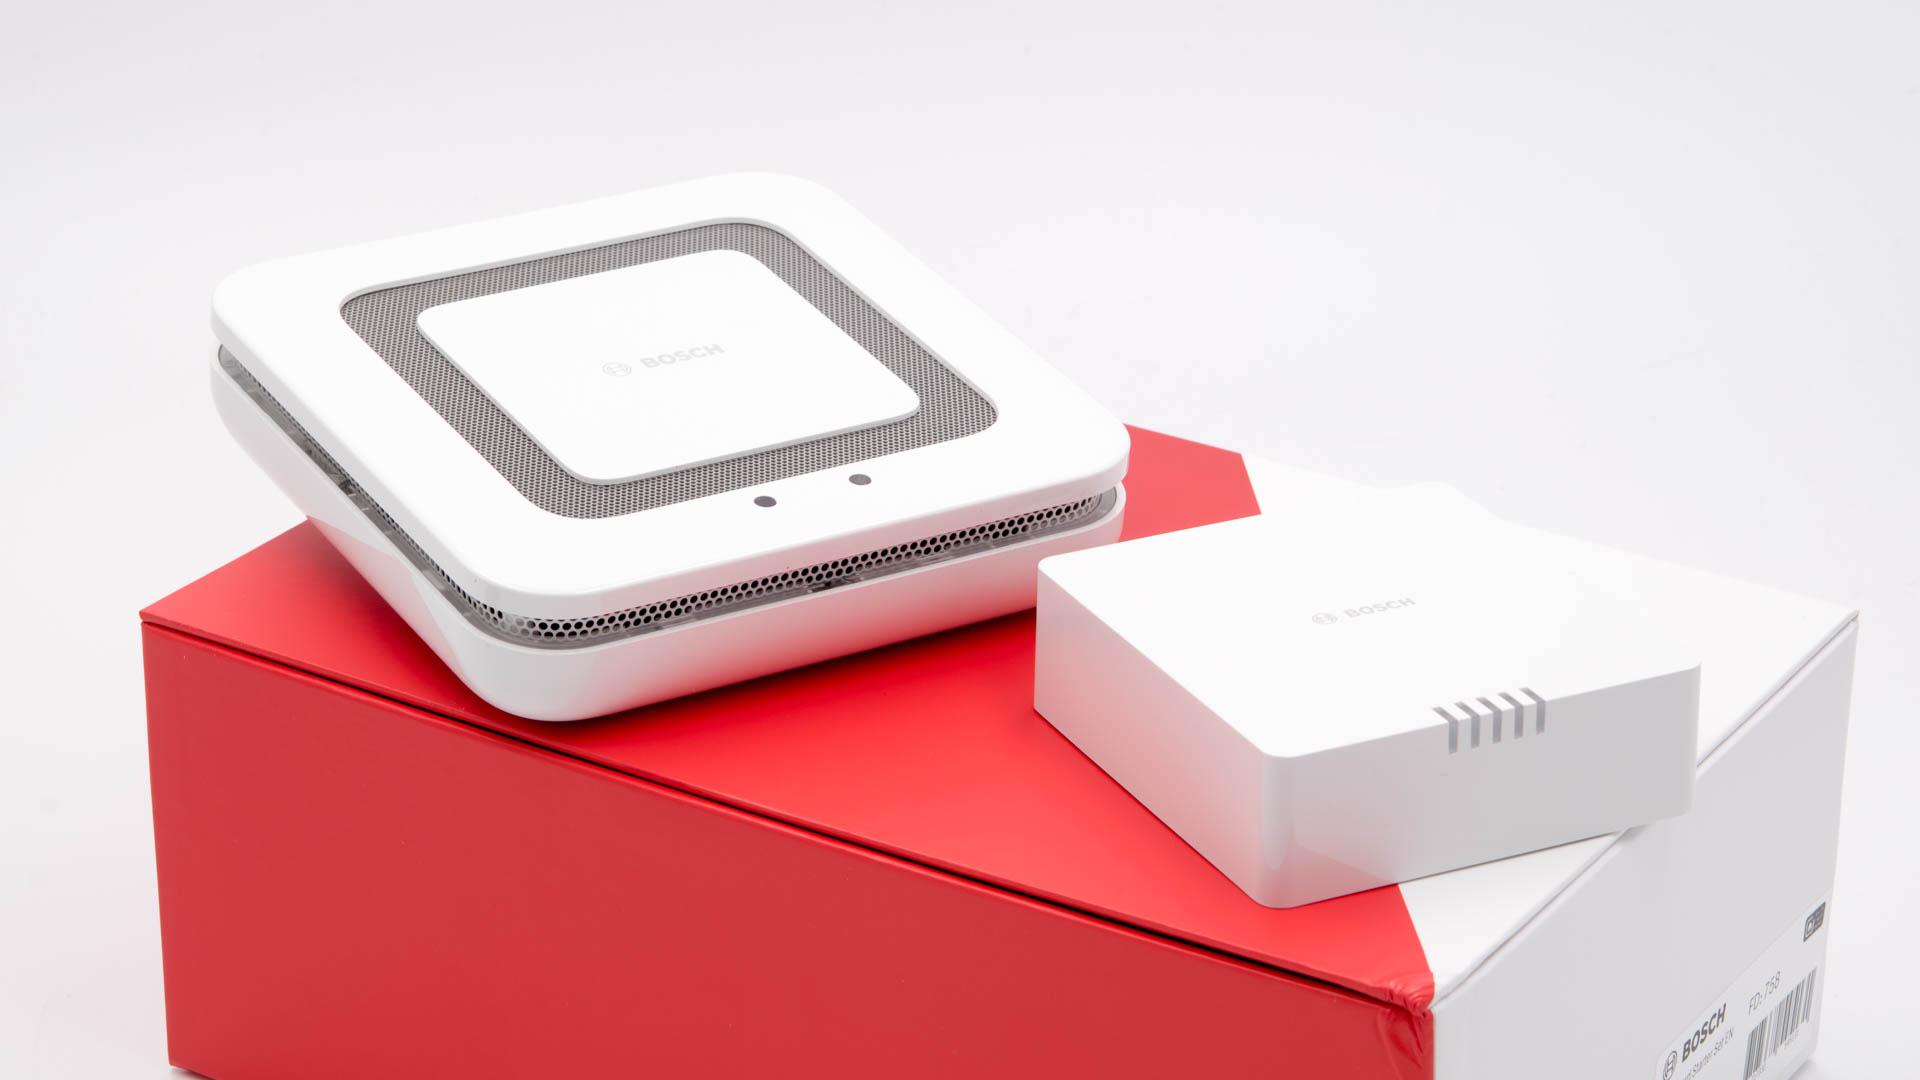 das bosch twinguard system im test die besten smarten feuermelder techtest. Black Bedroom Furniture Sets. Home Design Ideas